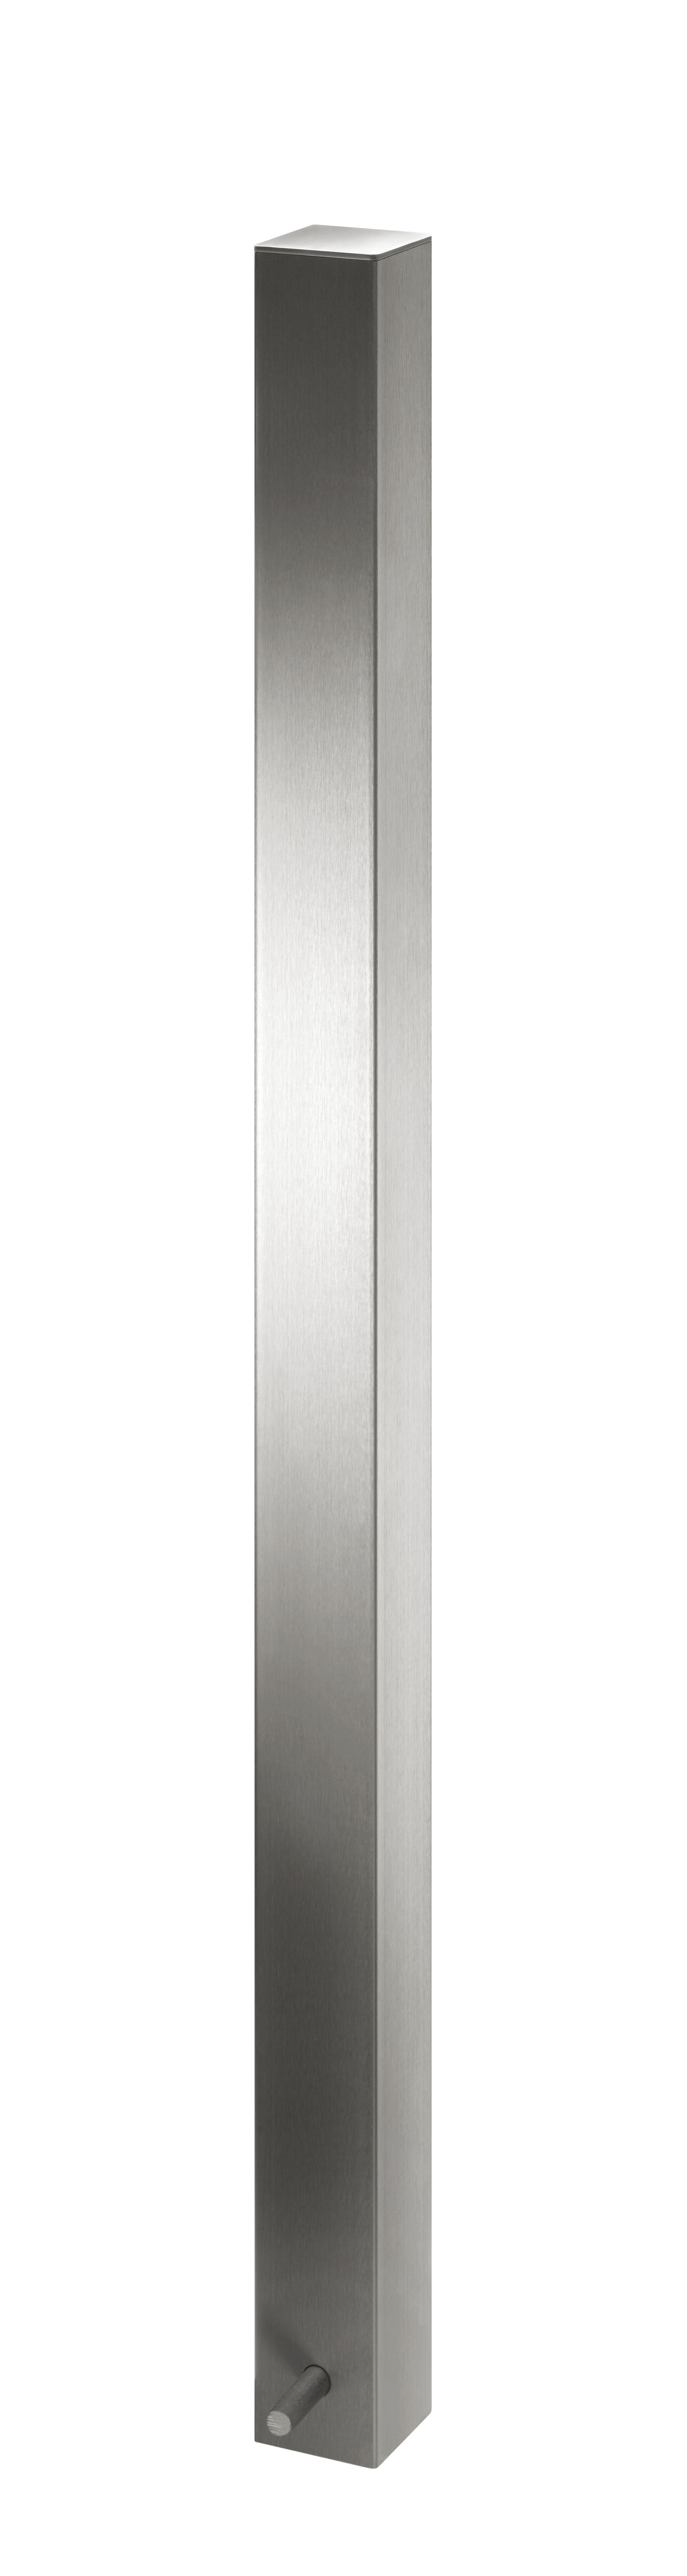 Absperrpfosten | 70 x 70 mm x 900 mm aus Edelstahl